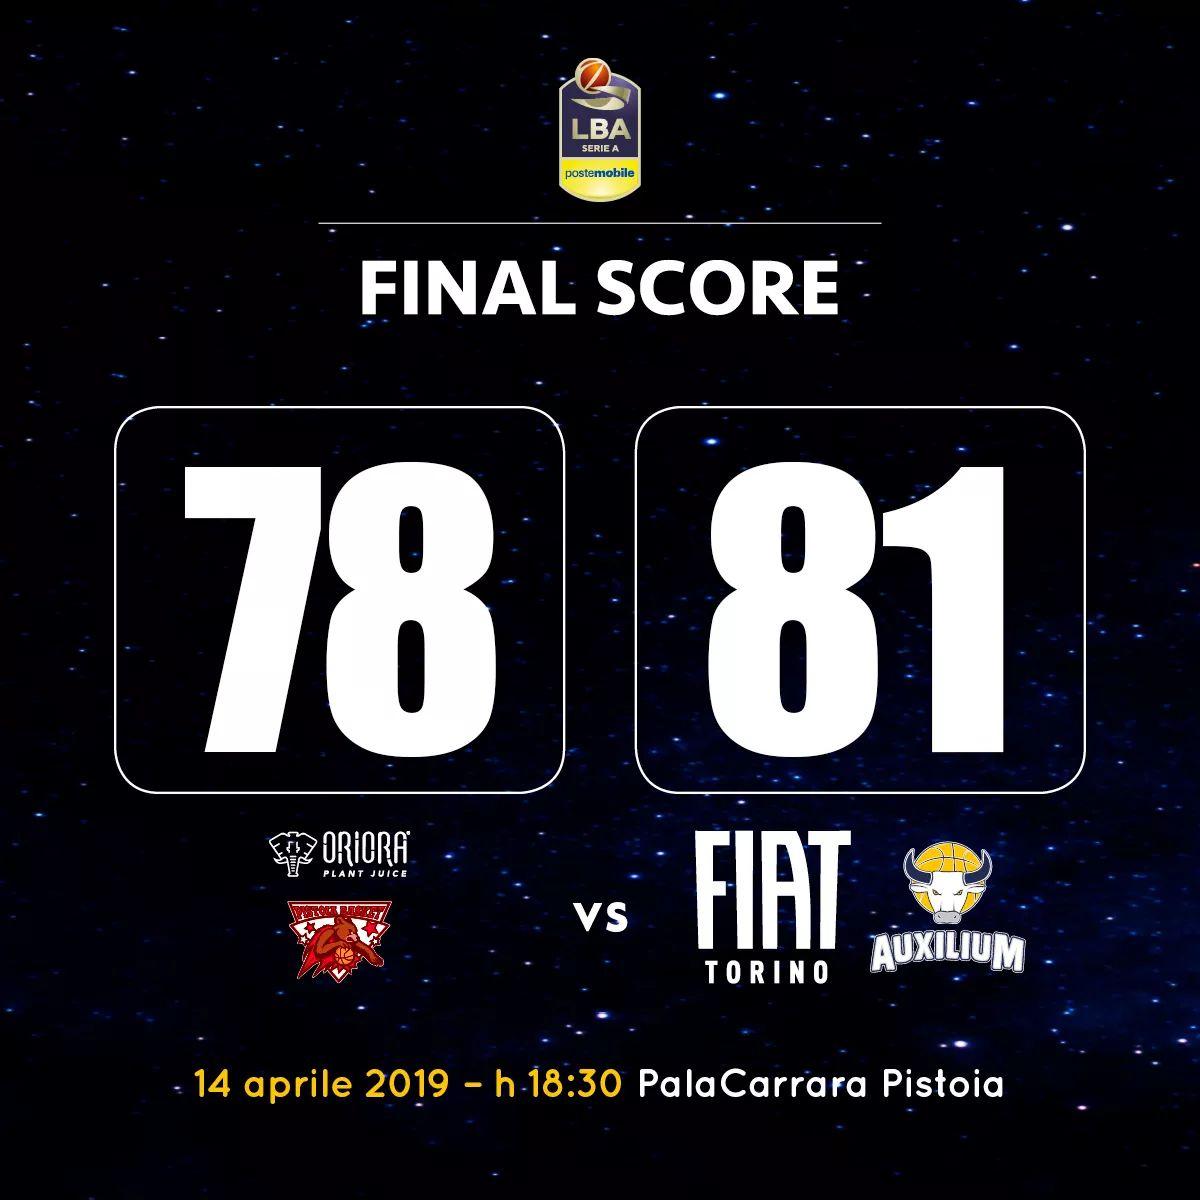 GRANDISSIMI RAGAZZI! 🔝💛💙  #TuttiPerTorino #quattrofinali #pistoiavstorino https://t.co/bBgAtaAksx